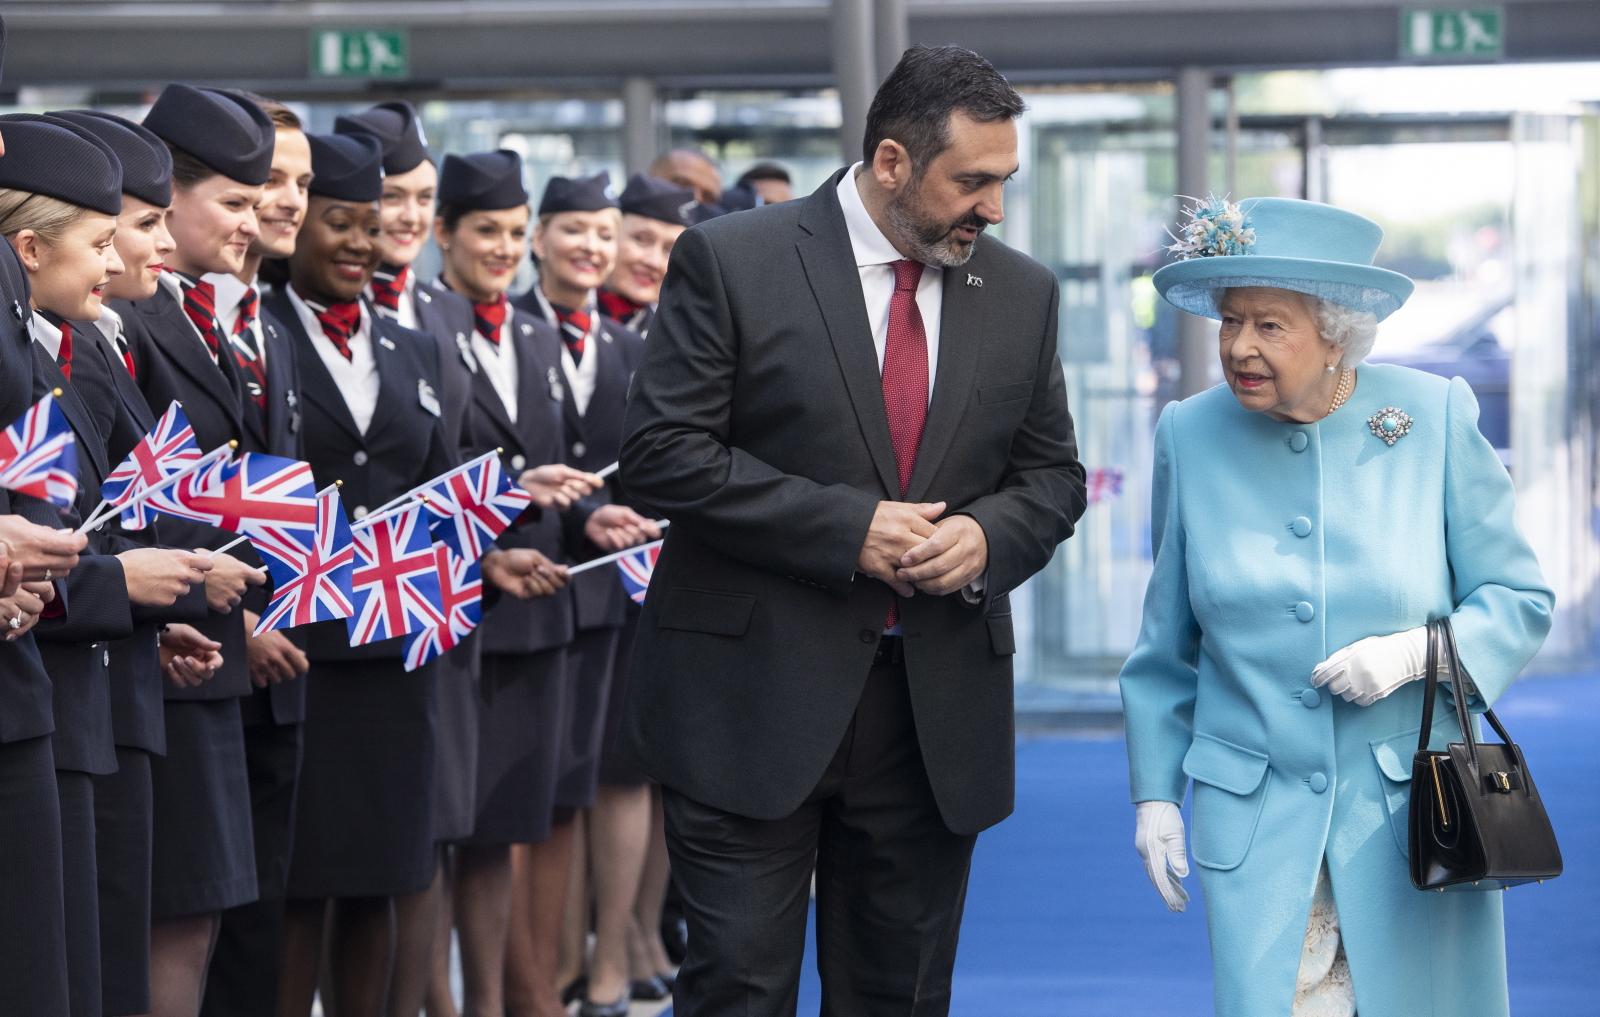 Królowa Elżbieta pośród pracowników linii lotniczych. Fot.  PAP/EPA/FACUNDO ARRIZABALAGA